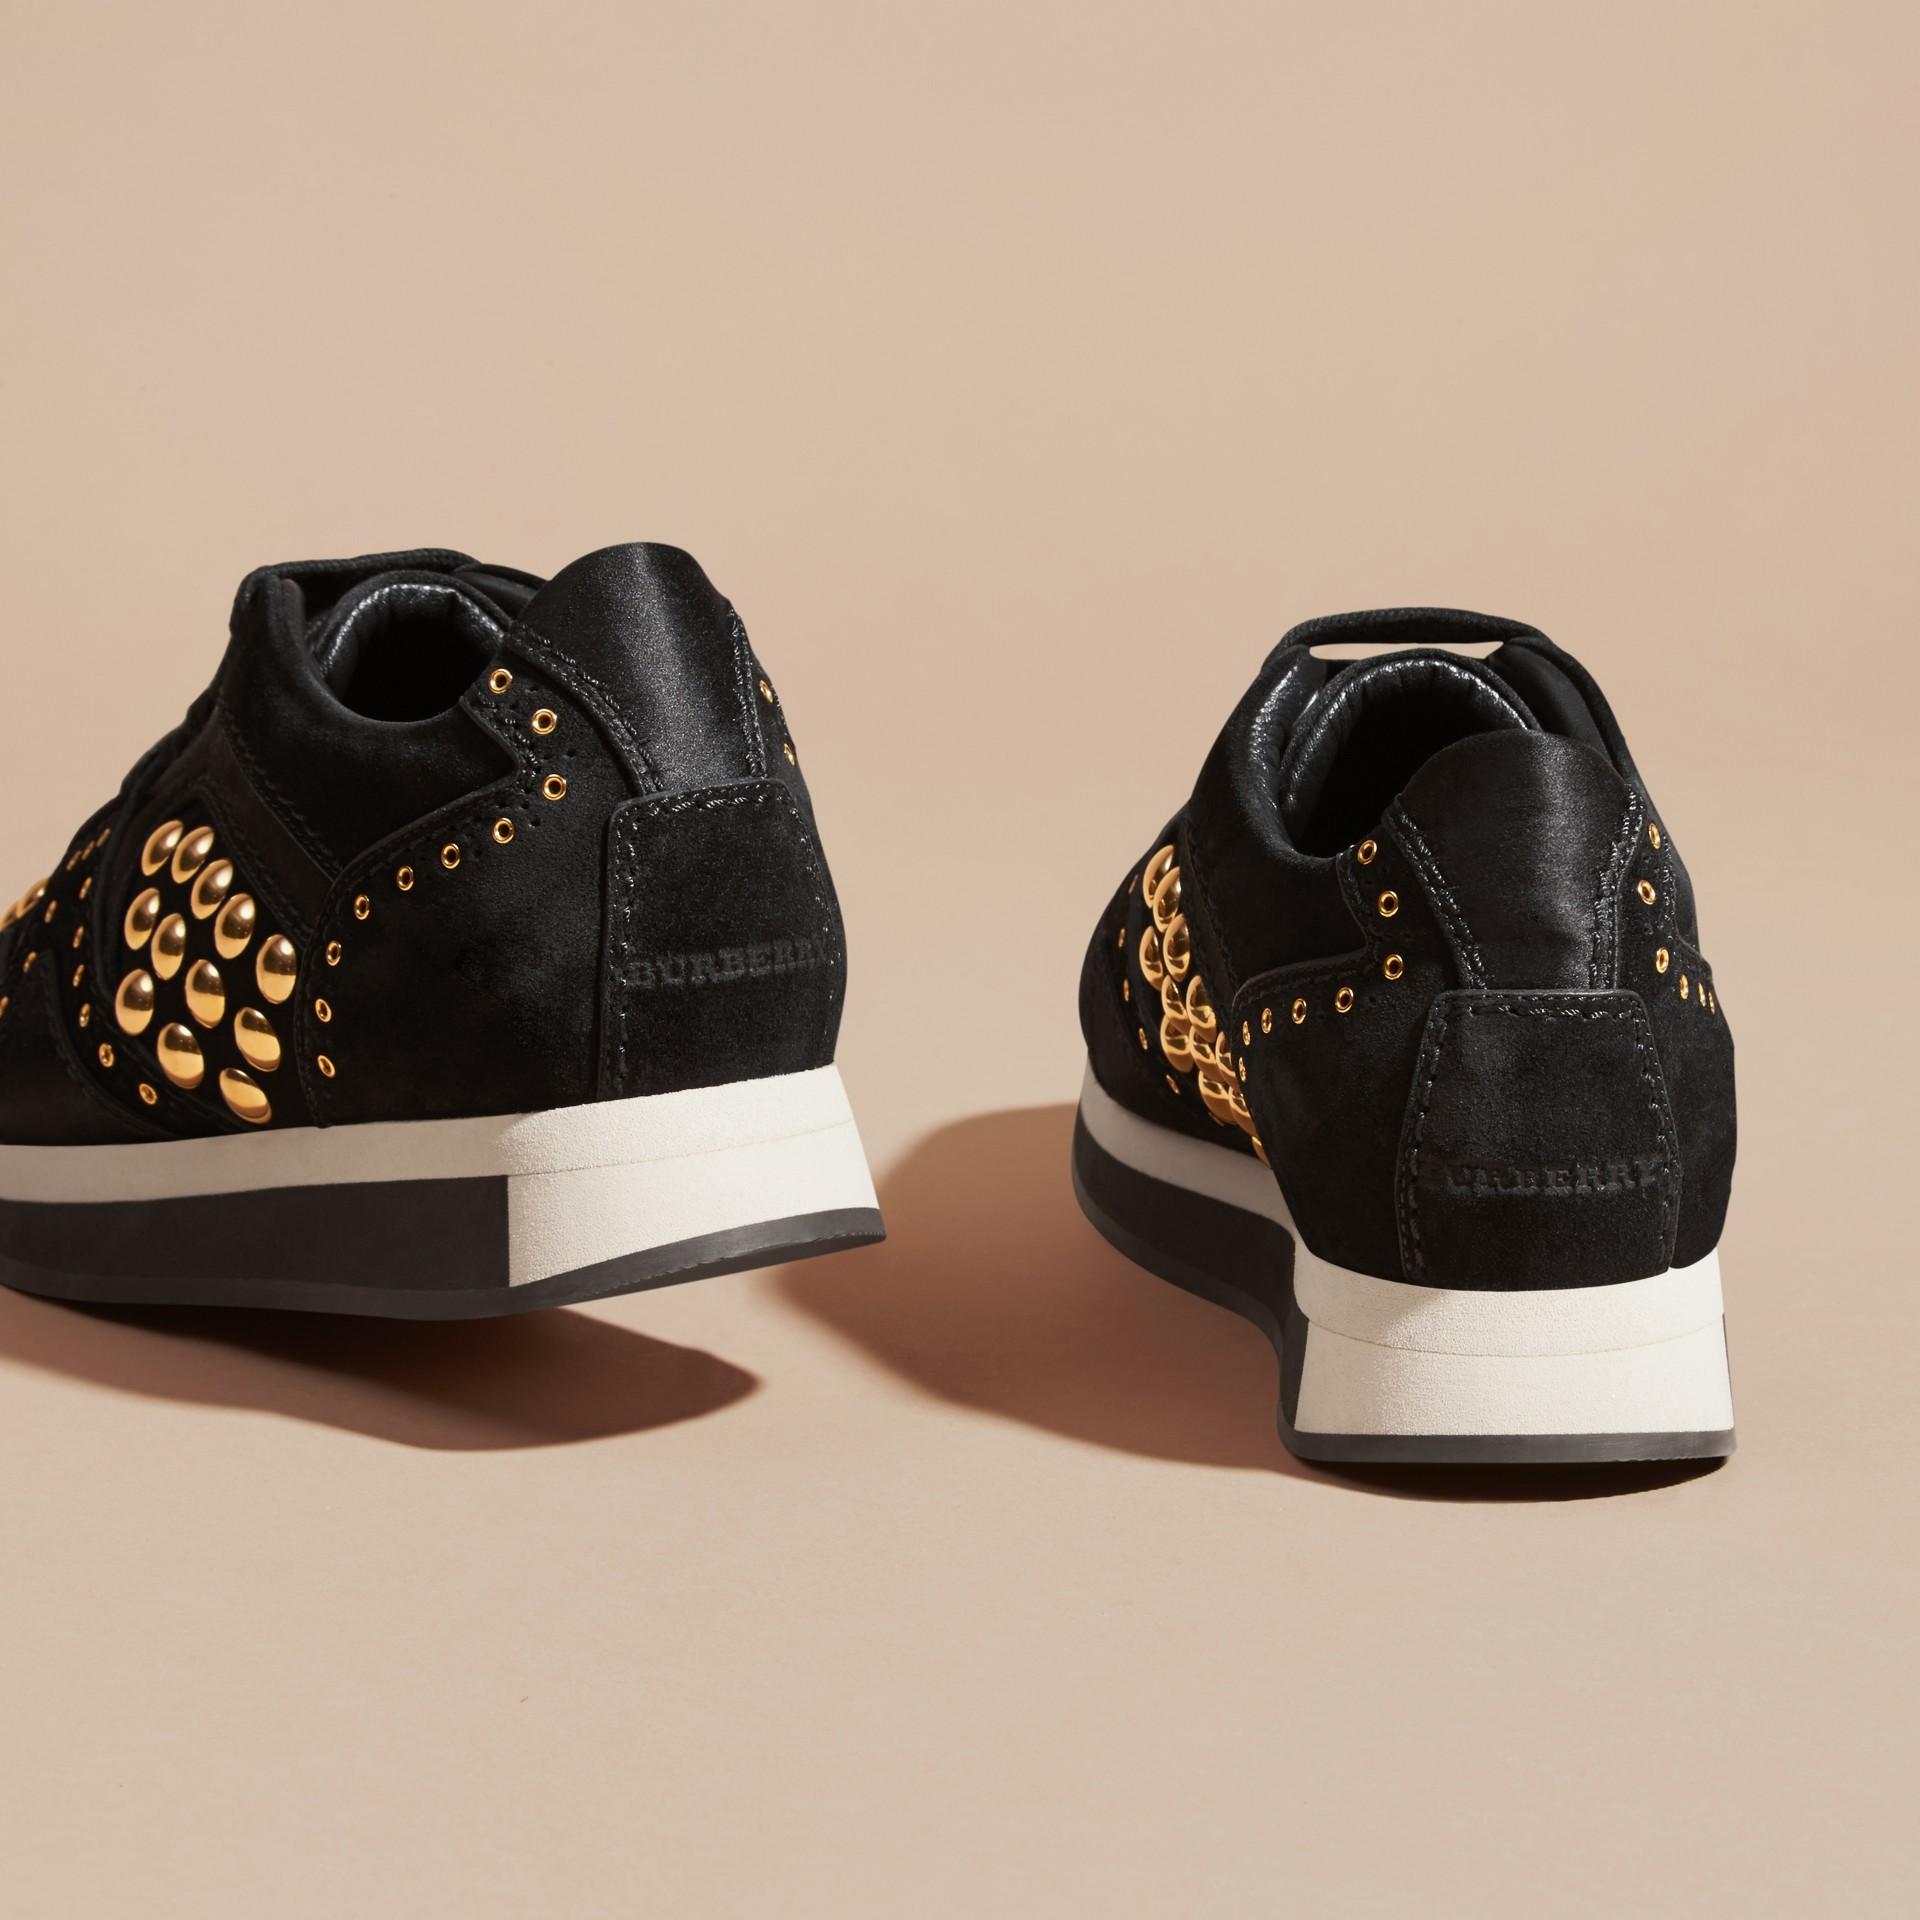 Nero Sneaker Field in pelle scamosciata borchiata Nero - immagine della galleria 4